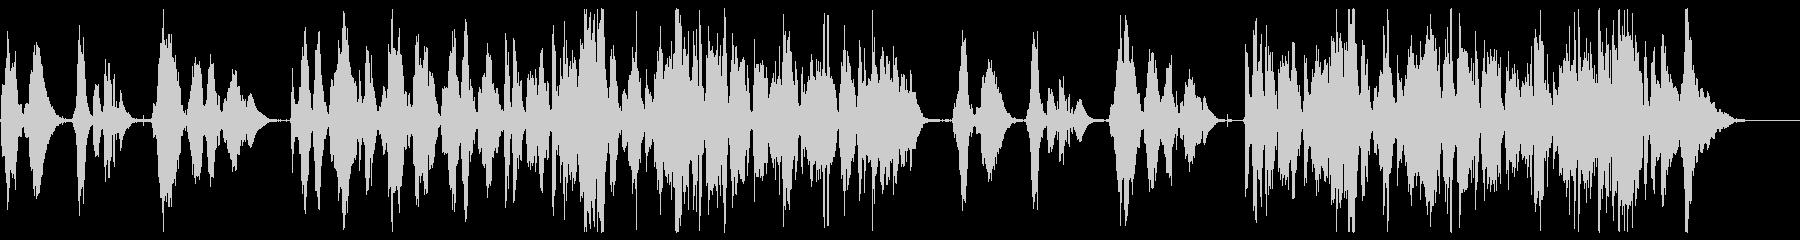 アコーディオンで奏でるロマンチックワルツの未再生の波形